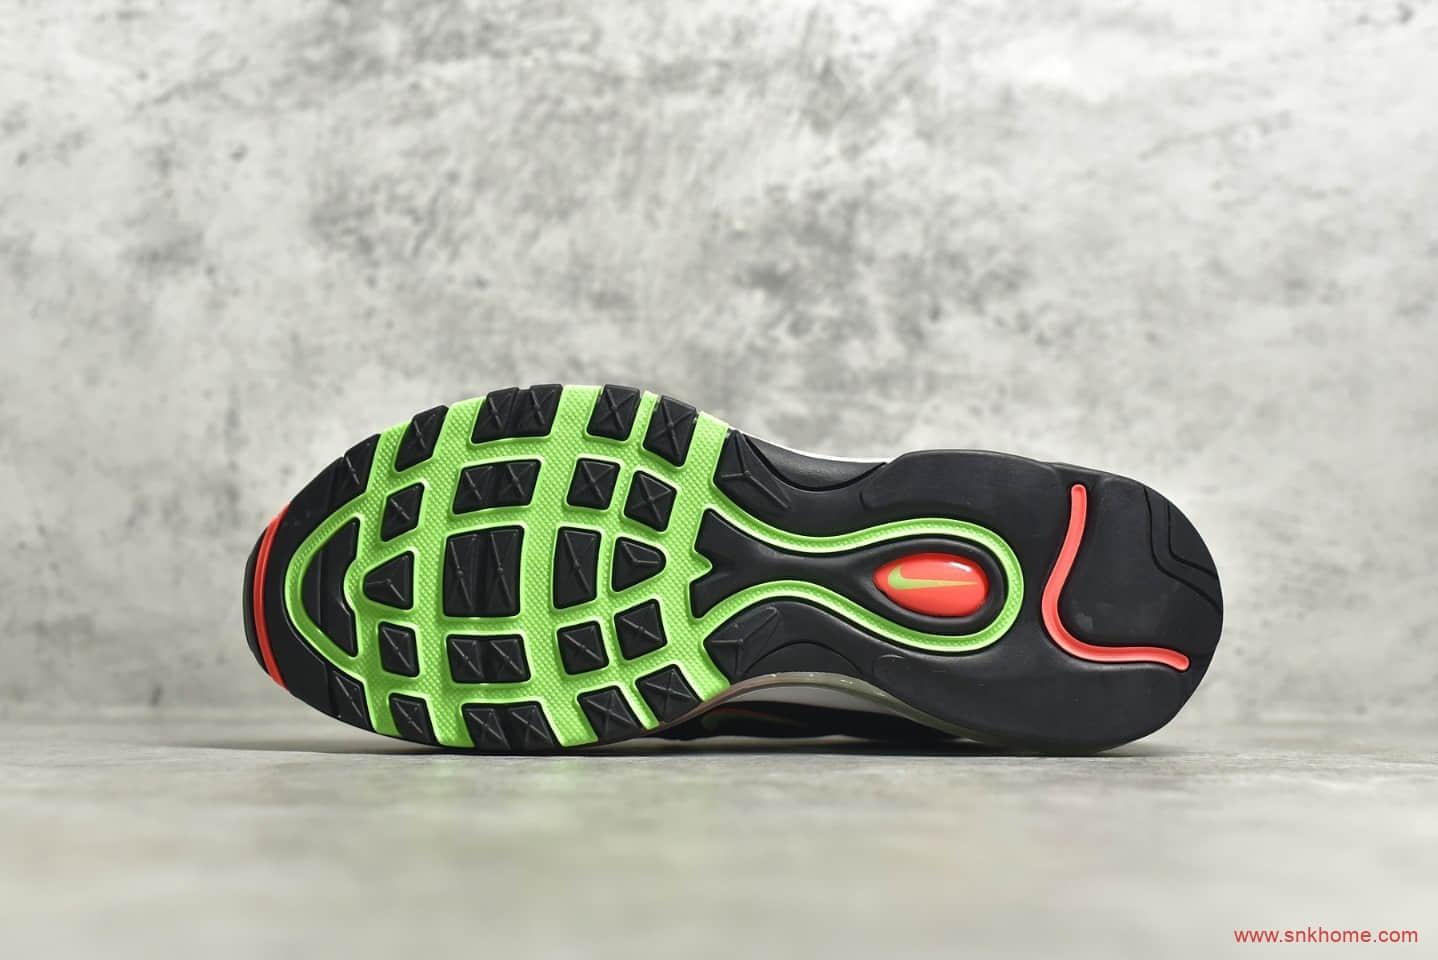 """耐克MAX97子弹气垫黑色反光CJ纯原版本 NIKE Wmns Air Max 97 """"Worldwide"""" 耐克复古气垫百搭休闲鞋 货号:CZ5607-001-潮流者之家"""